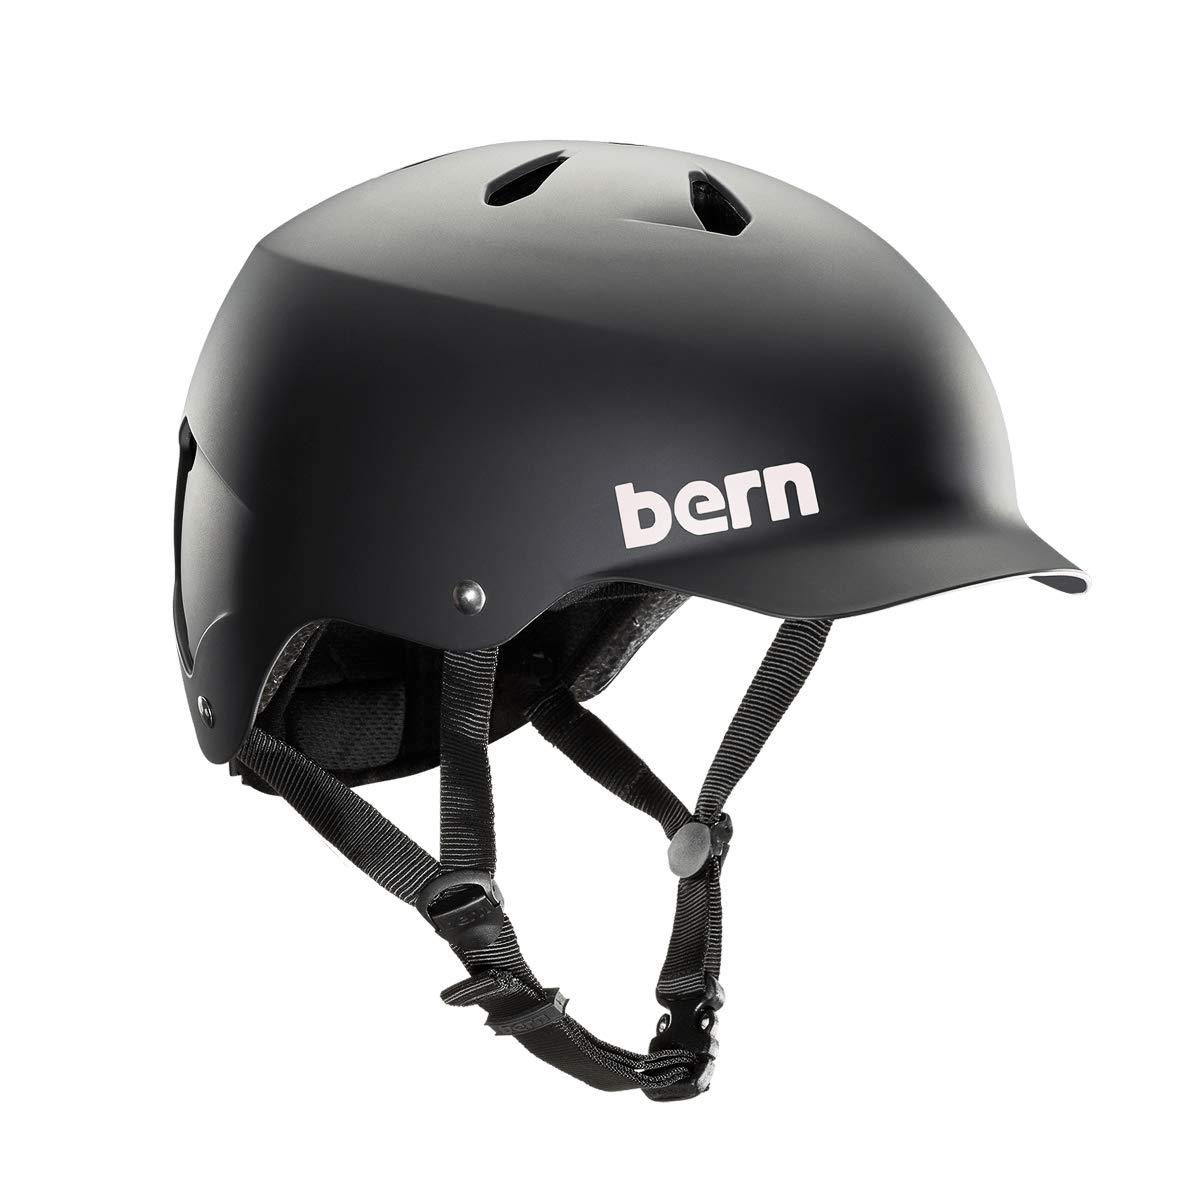 Bern Watts MIPS Helmet - Matte Black Small